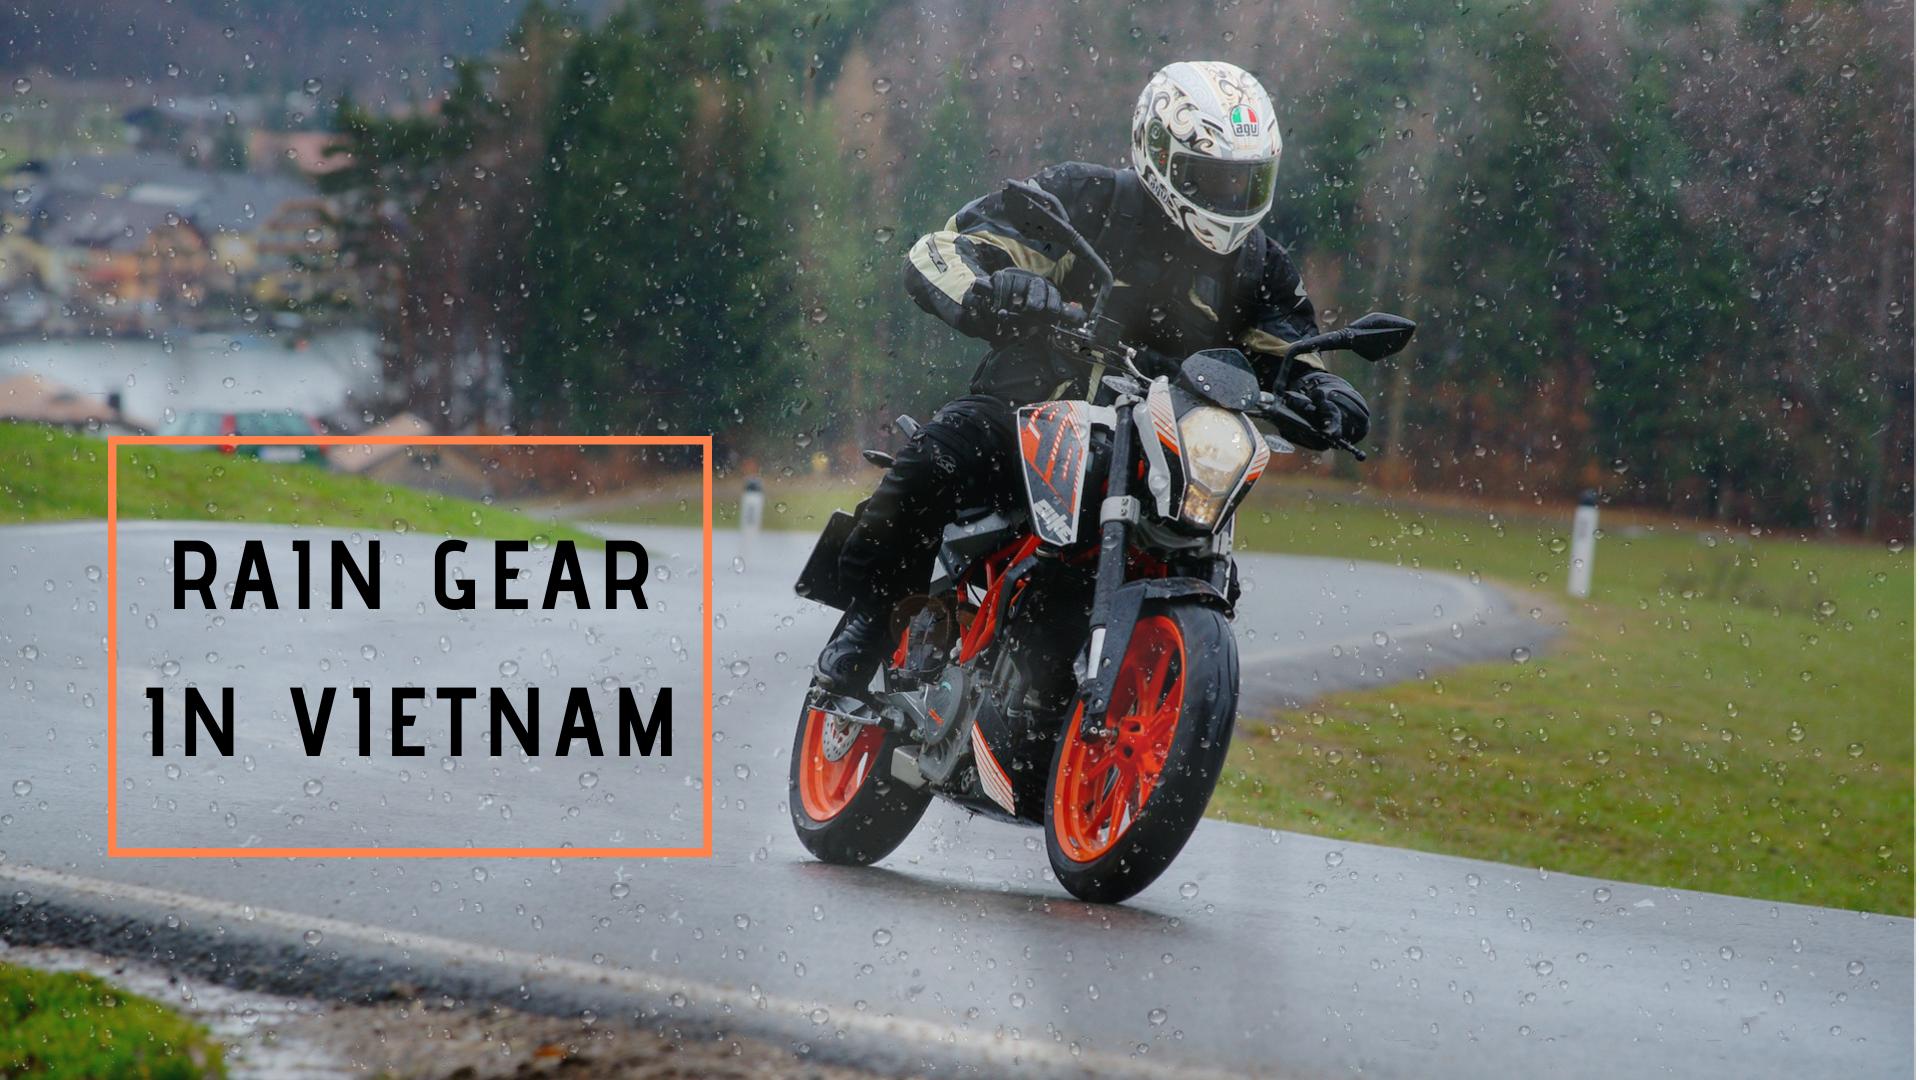 Rain gear in Vietnam